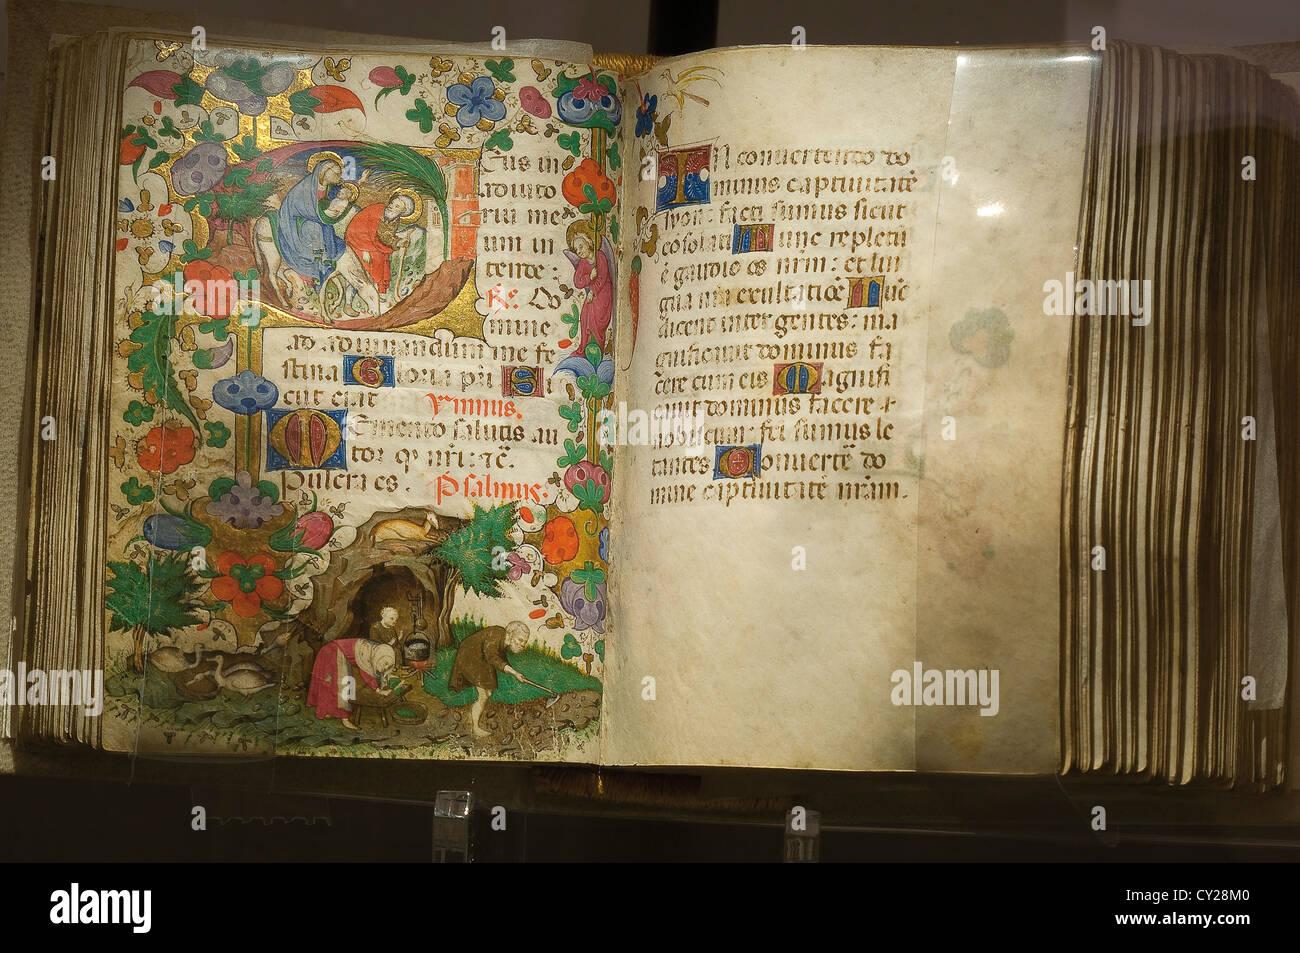 Europa Italia Lombardia Como Palazzo Volpi Galleria di arte rinascimentale in camera Libro d'Ore miniature del Immagini Stock